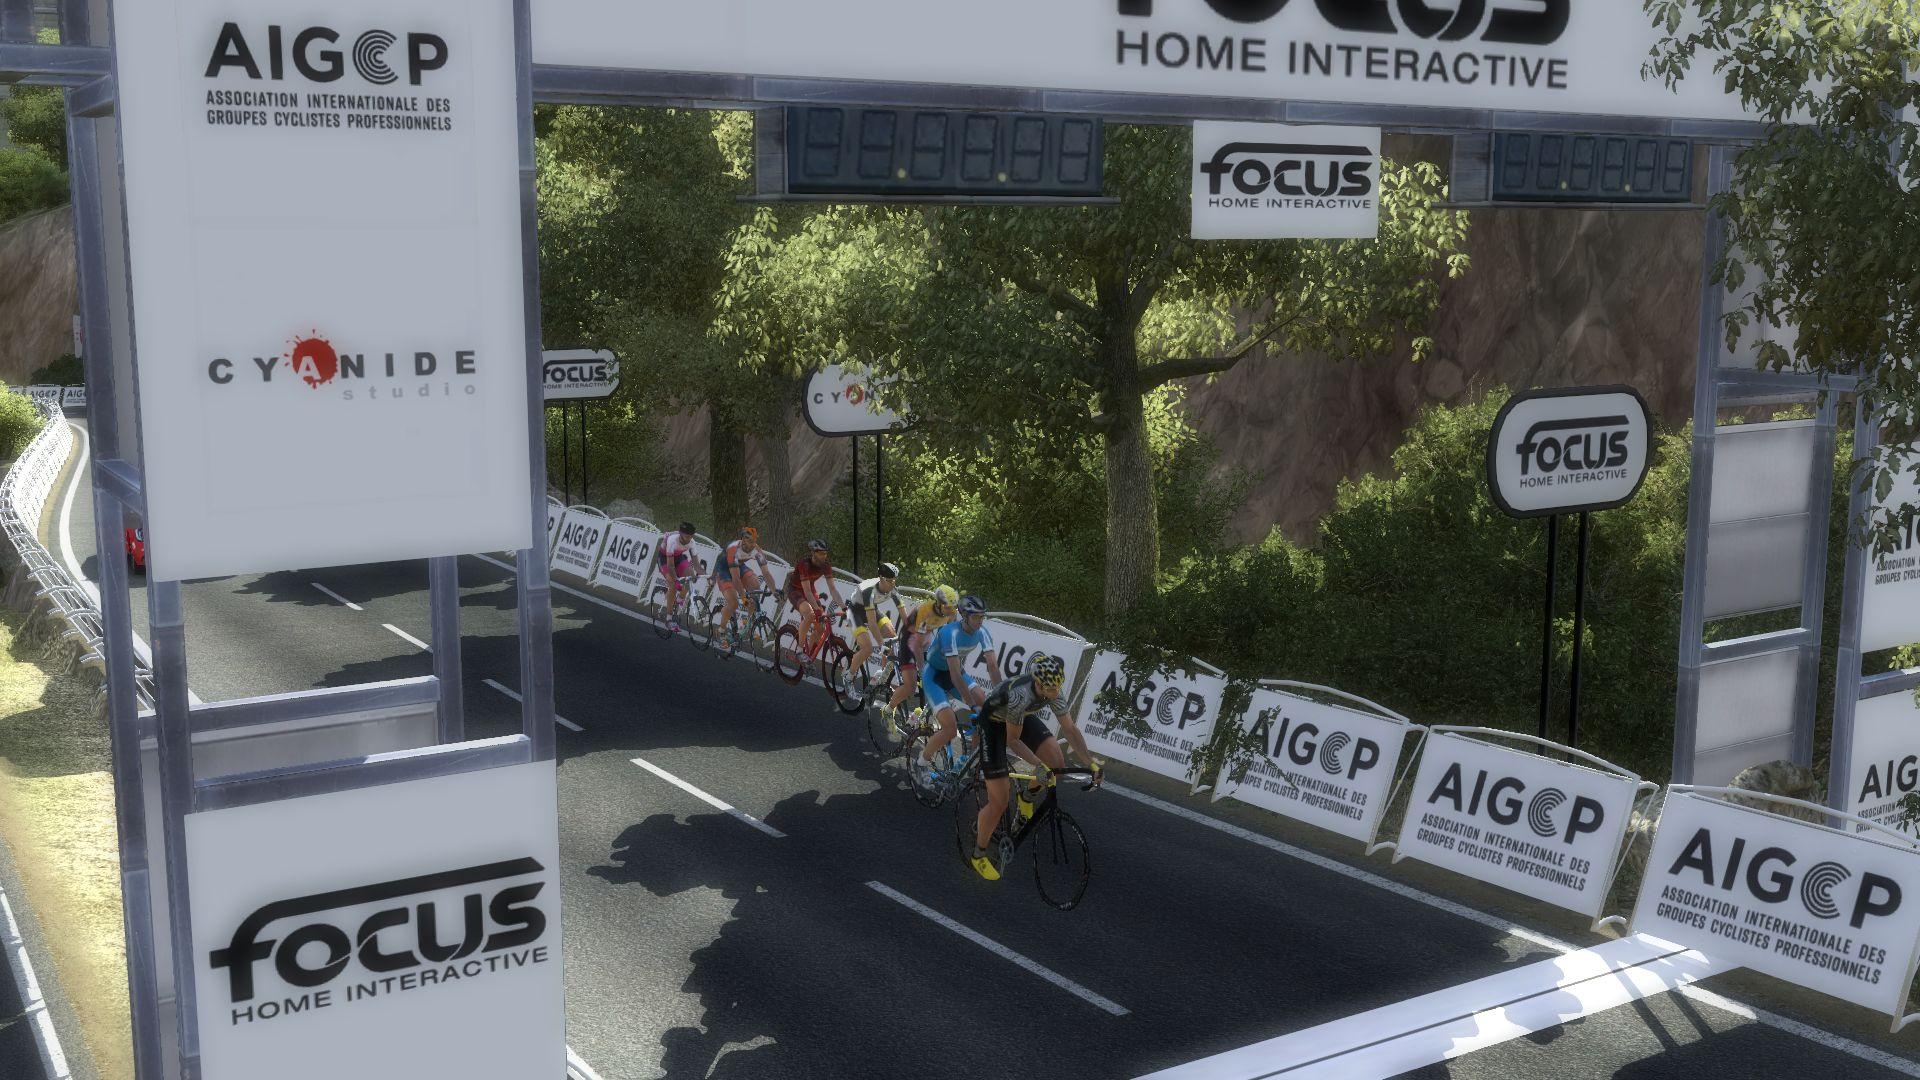 pcmdaily.com/images/mg/2019/Races/PT/Badaling/mg19_bad_04.jpg